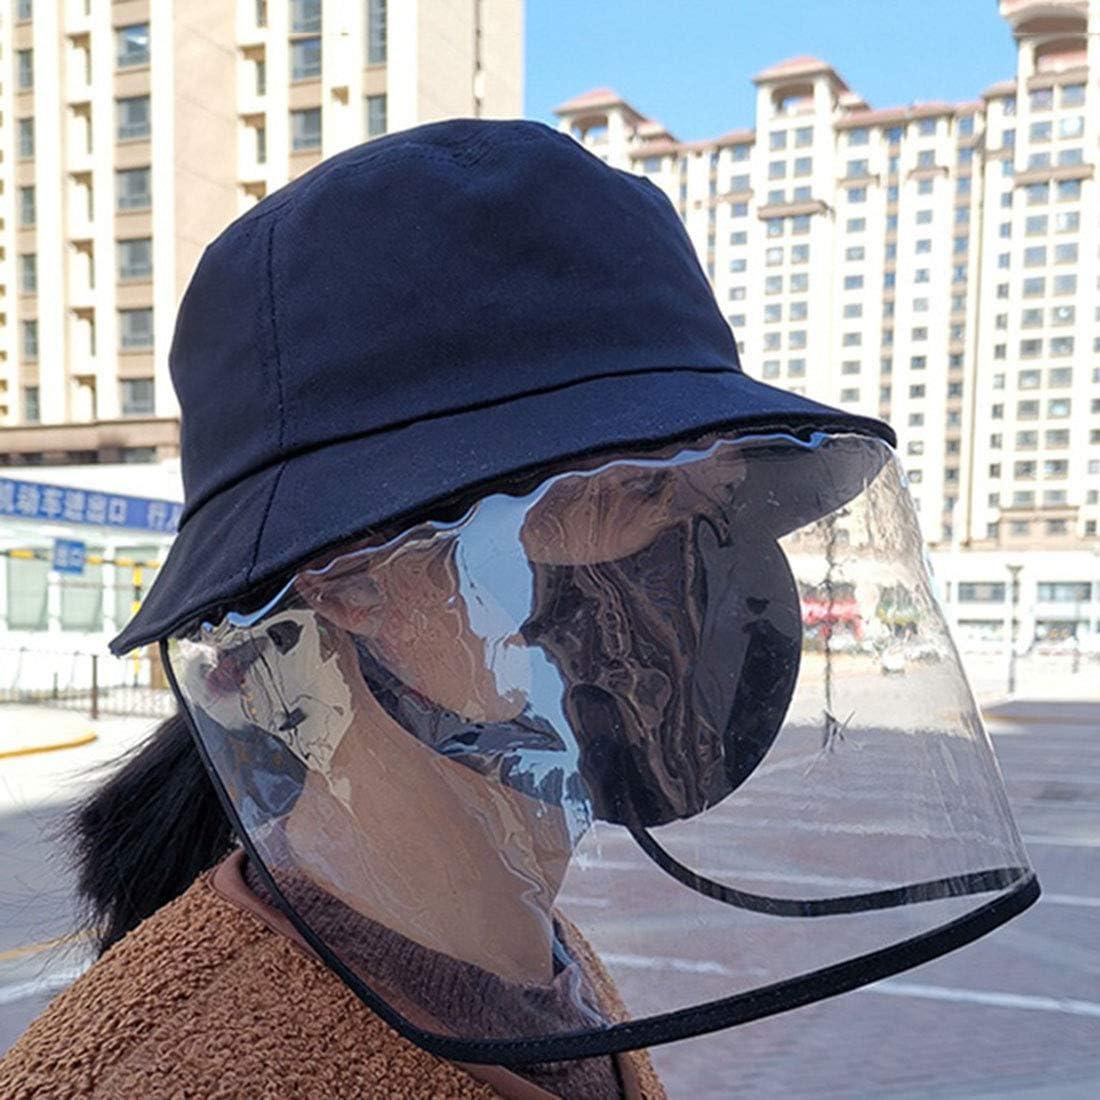 Bverionant Sombrero Protector de Polvo Sombrero de Pescador con Protecci/ón Facial Antisalpicadura Sombrero de Protecci/ón Antipolvo Sombrero de Sol